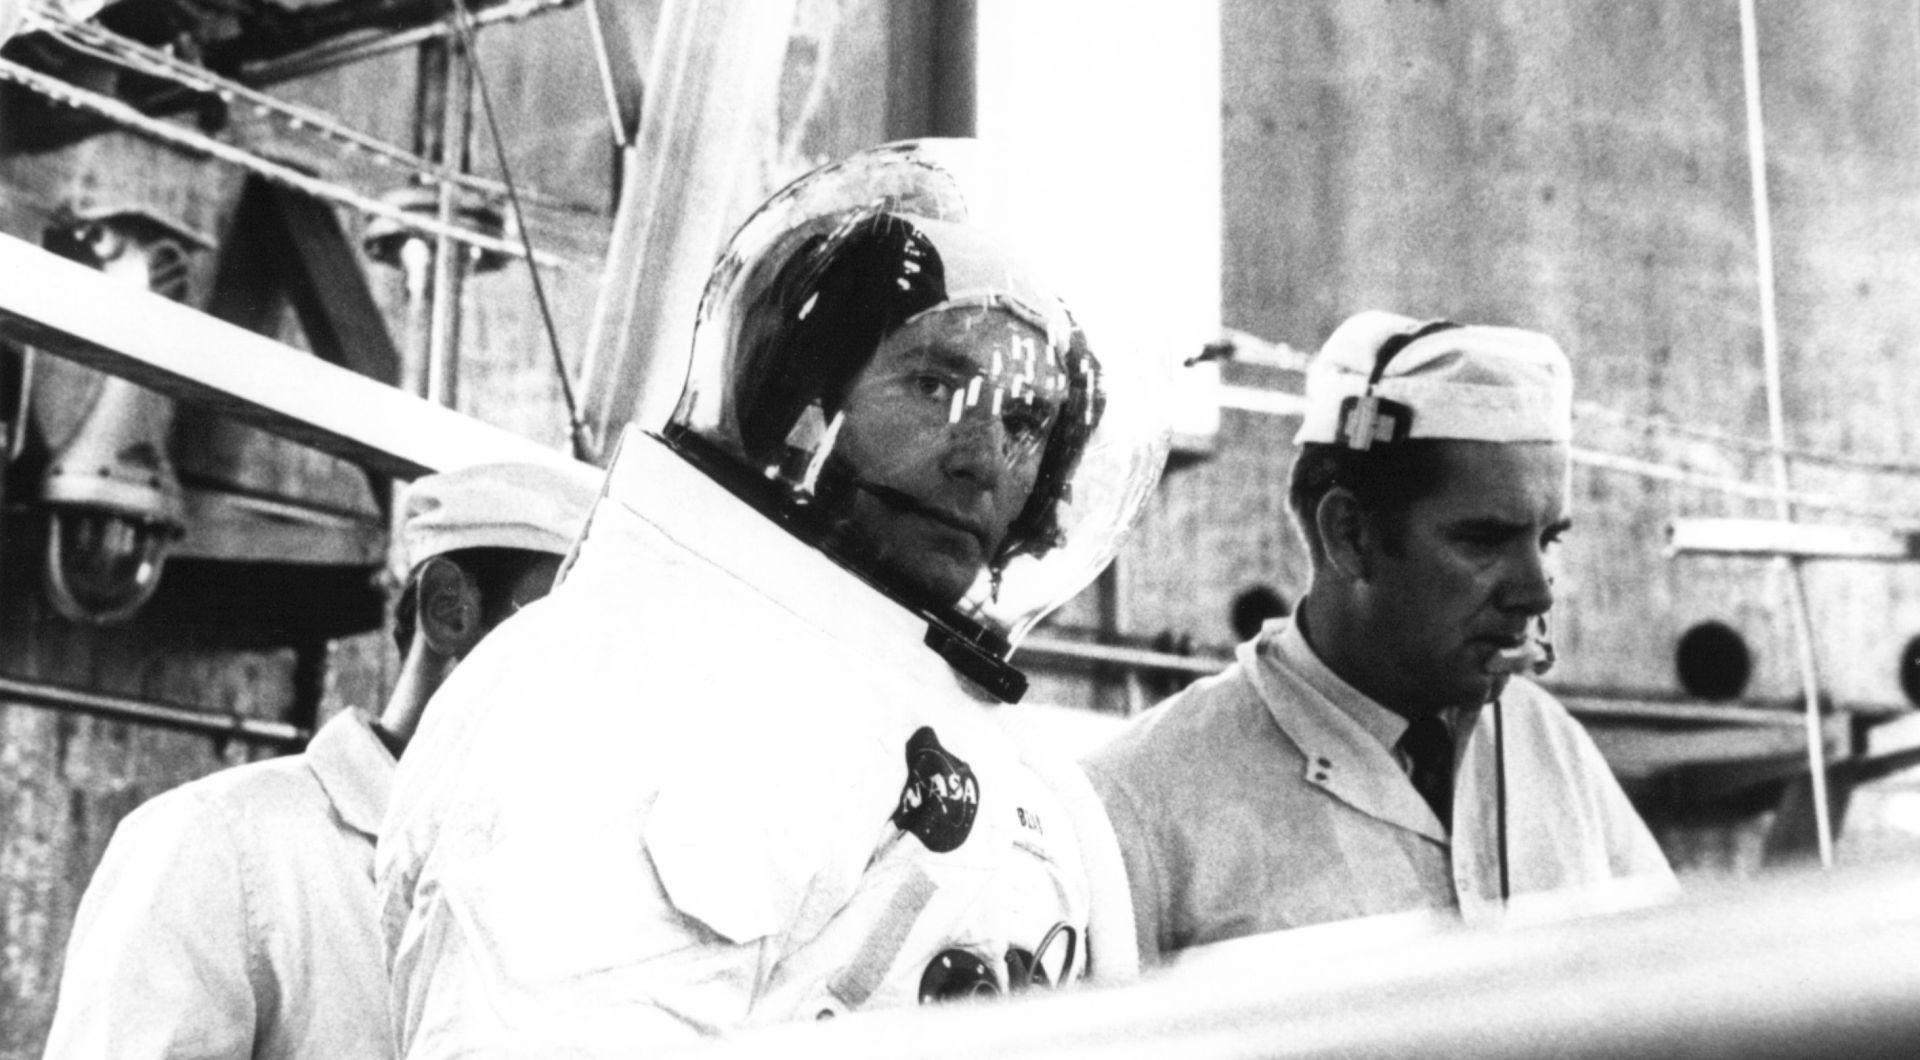 Umro Alan Bean, astronaut koji je hodao Mjesecom i postao slikar